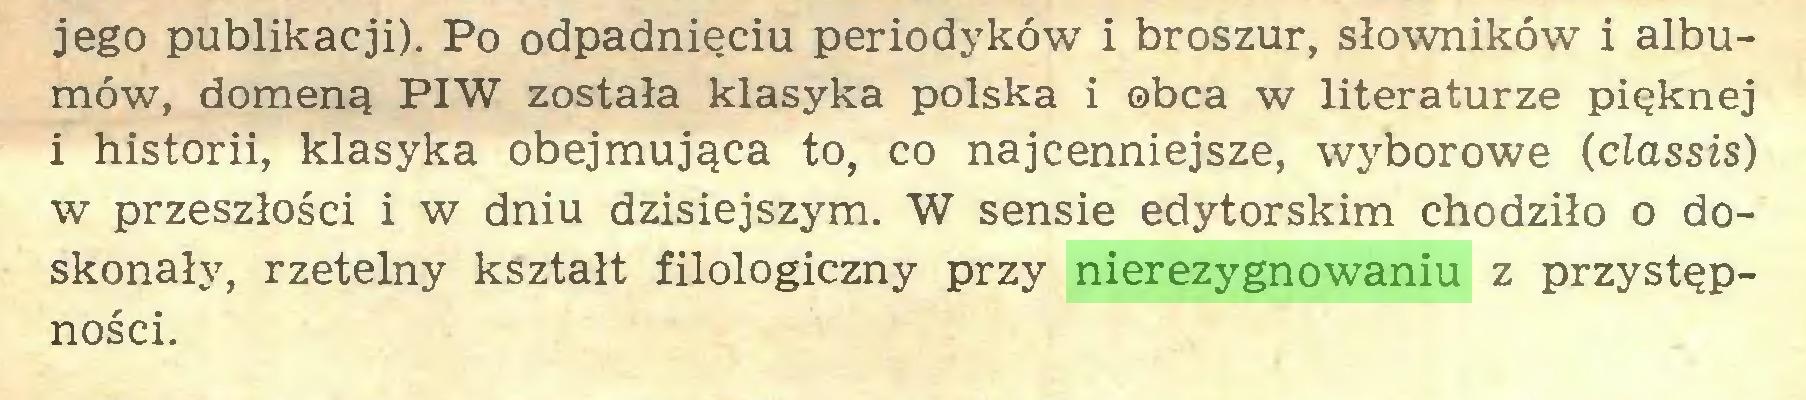 (...) jego publikacji). Po odpadnięciu periodyków i broszur, słowników i albumów, domeną PIW została klasyka polska i obca w literaturze pięknej i historii, klasyka obejmująca to, co najcenniejsze, wyborowe (classis) w przeszłości i w dniu dzisiejszym. W sensie edytorskim chodziło o doskonały, rzetelny kształt filologiczny przy nierezygnowaniu z przystępności...